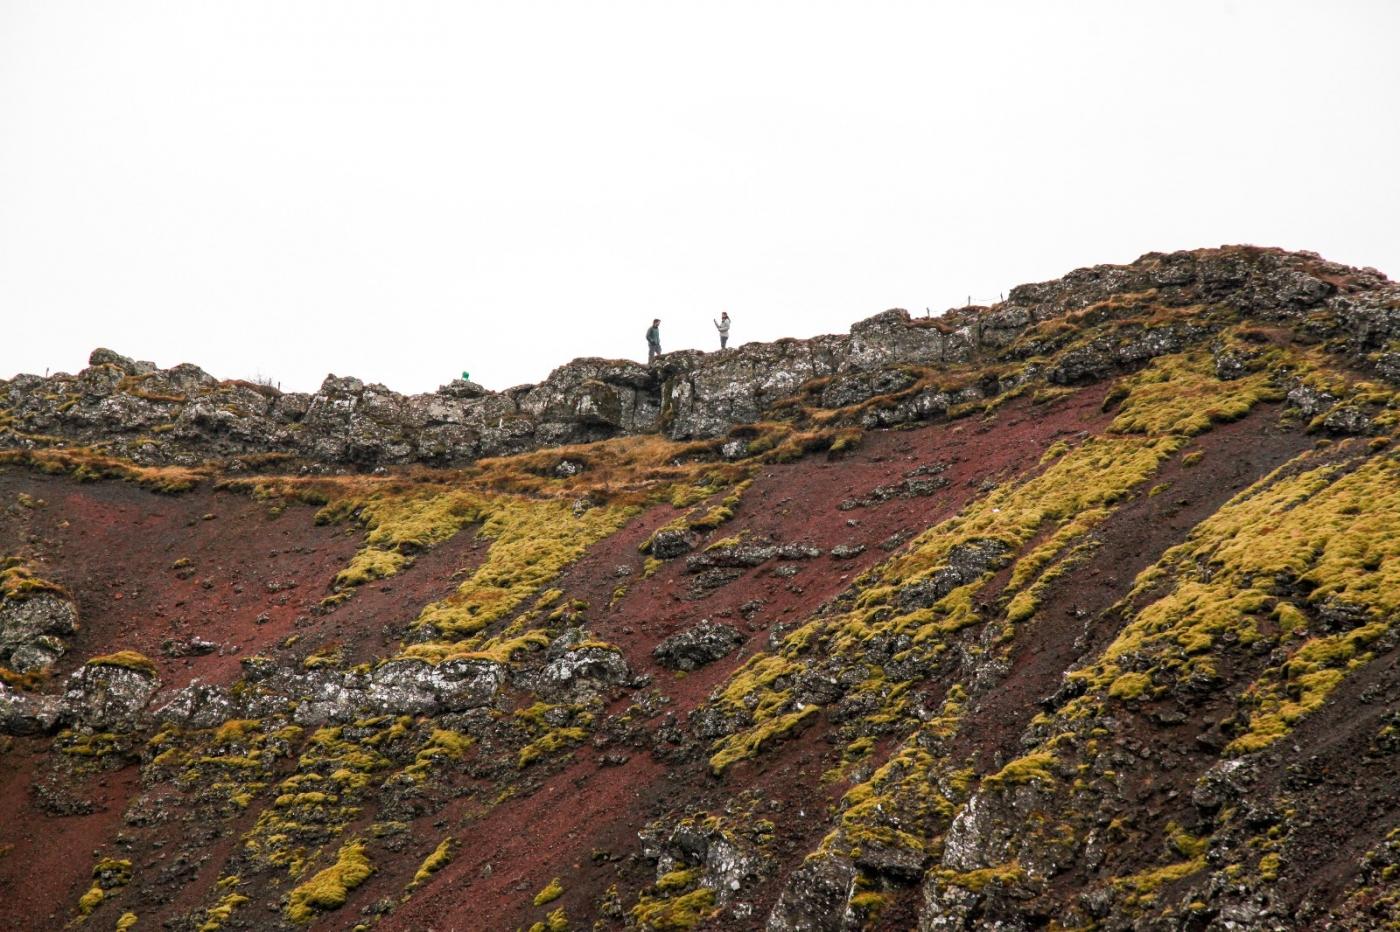 冰岛热带温泉美景,游客流连忘返_图1-4